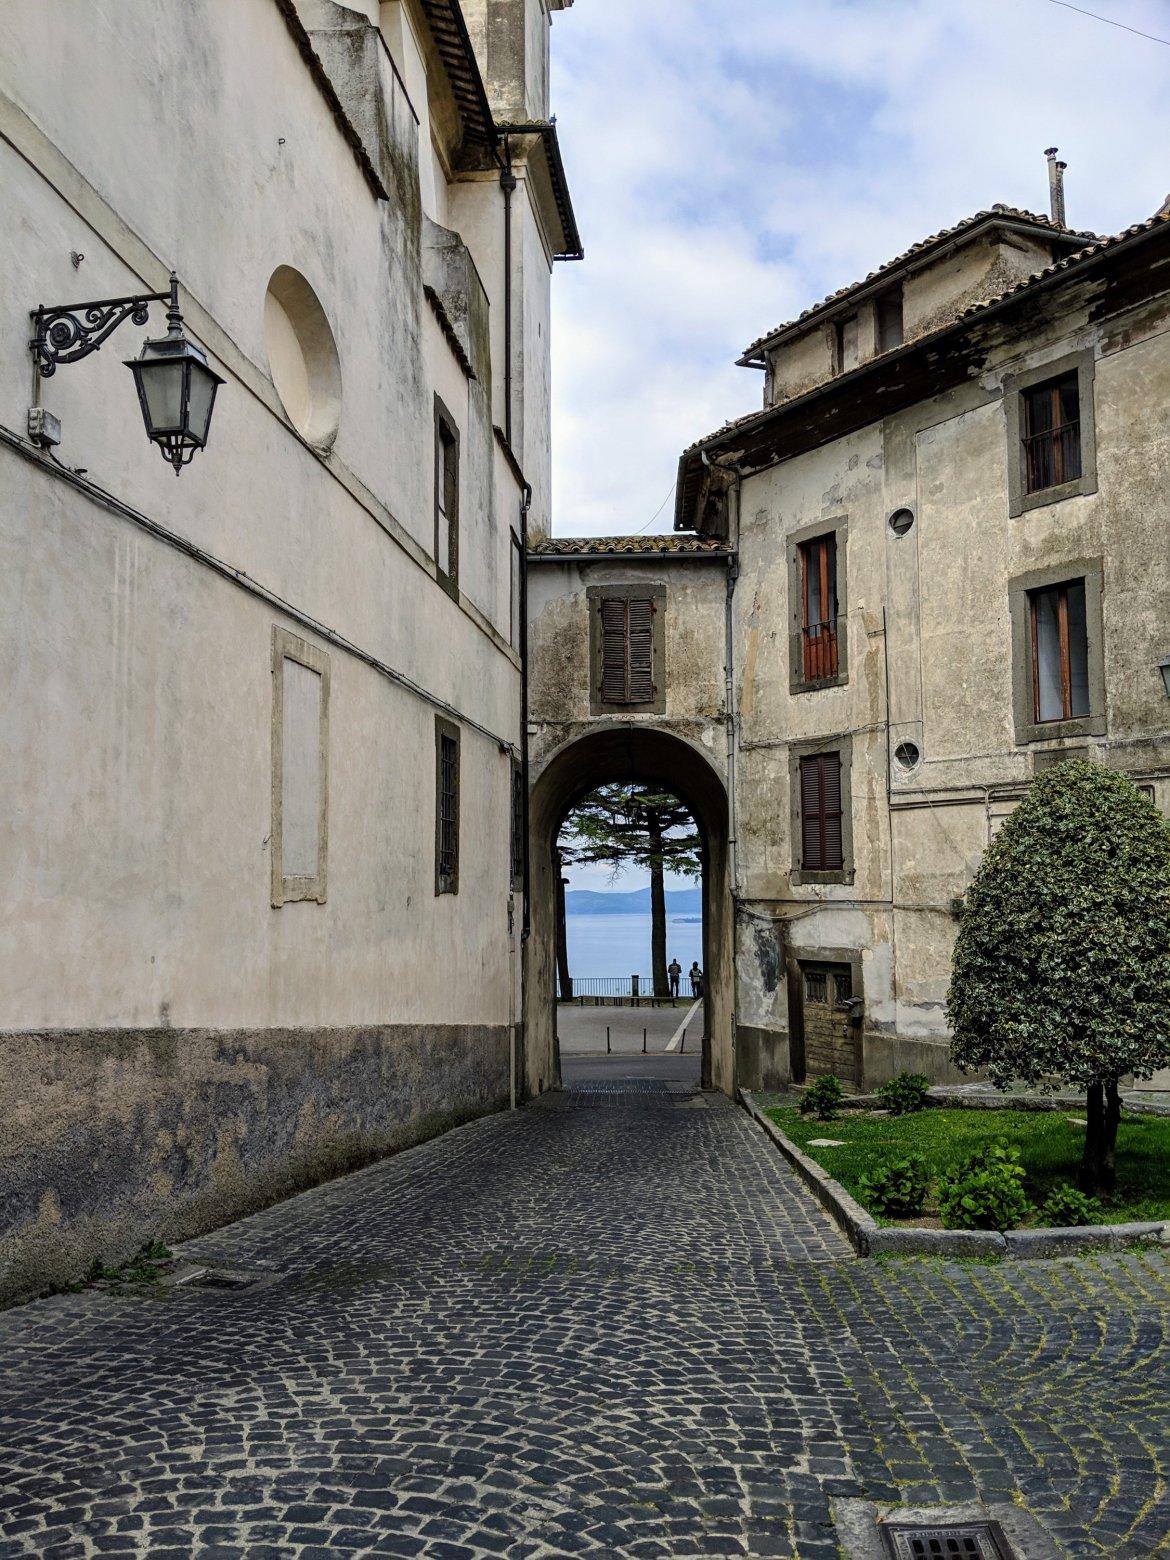 Montefiascone, a hilltop town in Italy overlooking Lago de Bolsena